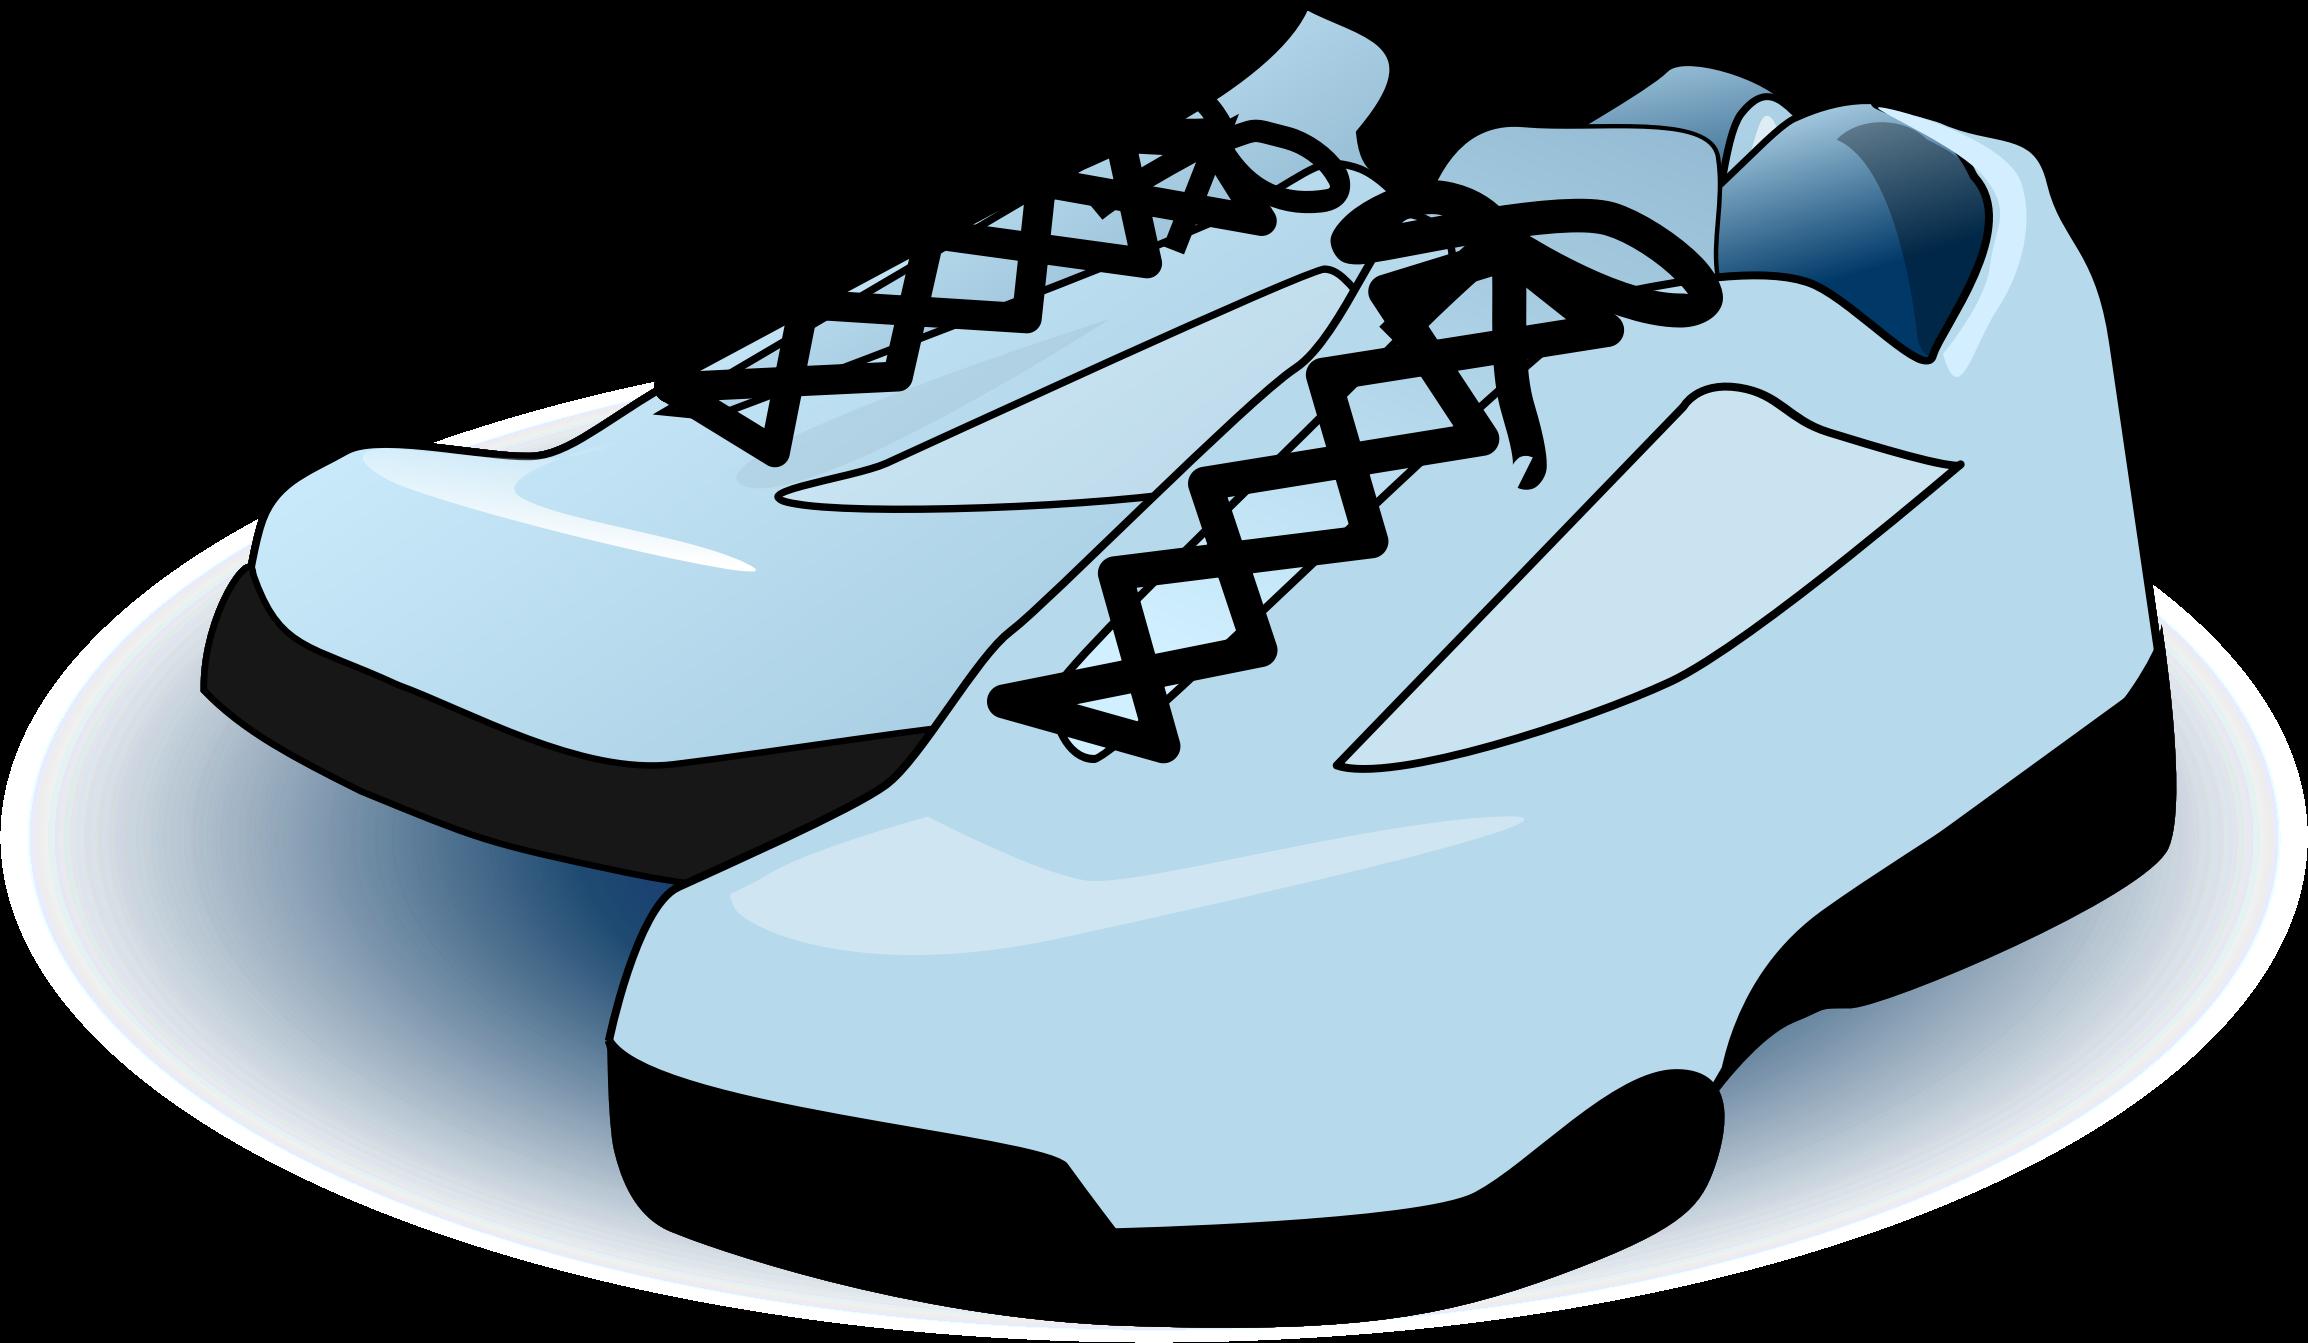 Tennis shoes big image. Clipart walking walking shoe